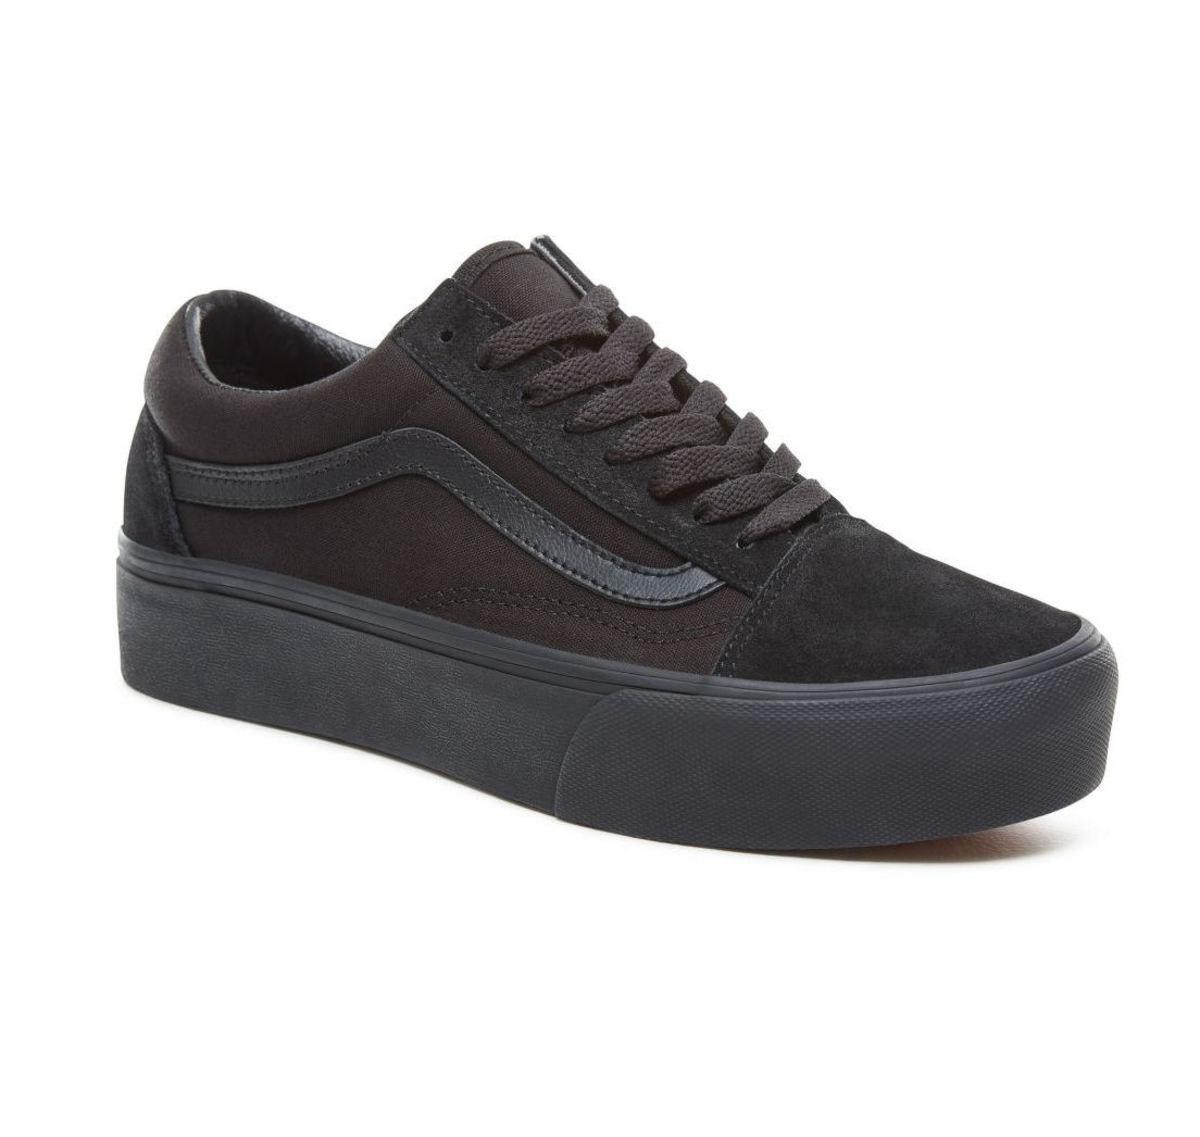 46a78286a7dc6 topánky VANS - UA OLD SKOOL PLATFOR - Black / Black - VN0A3B3UBKA1 ...